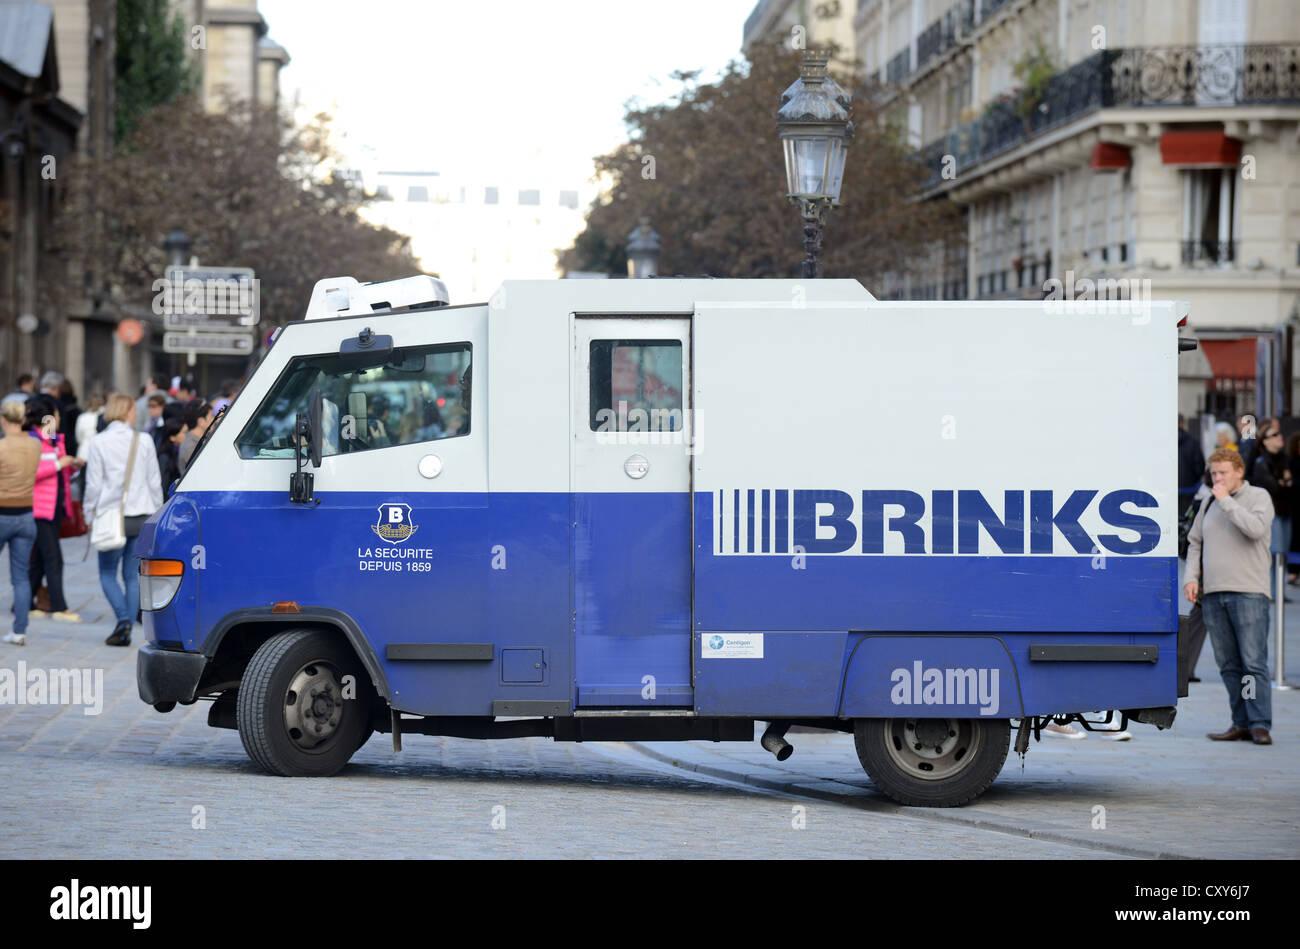 Brinks security van, France - Stock Image